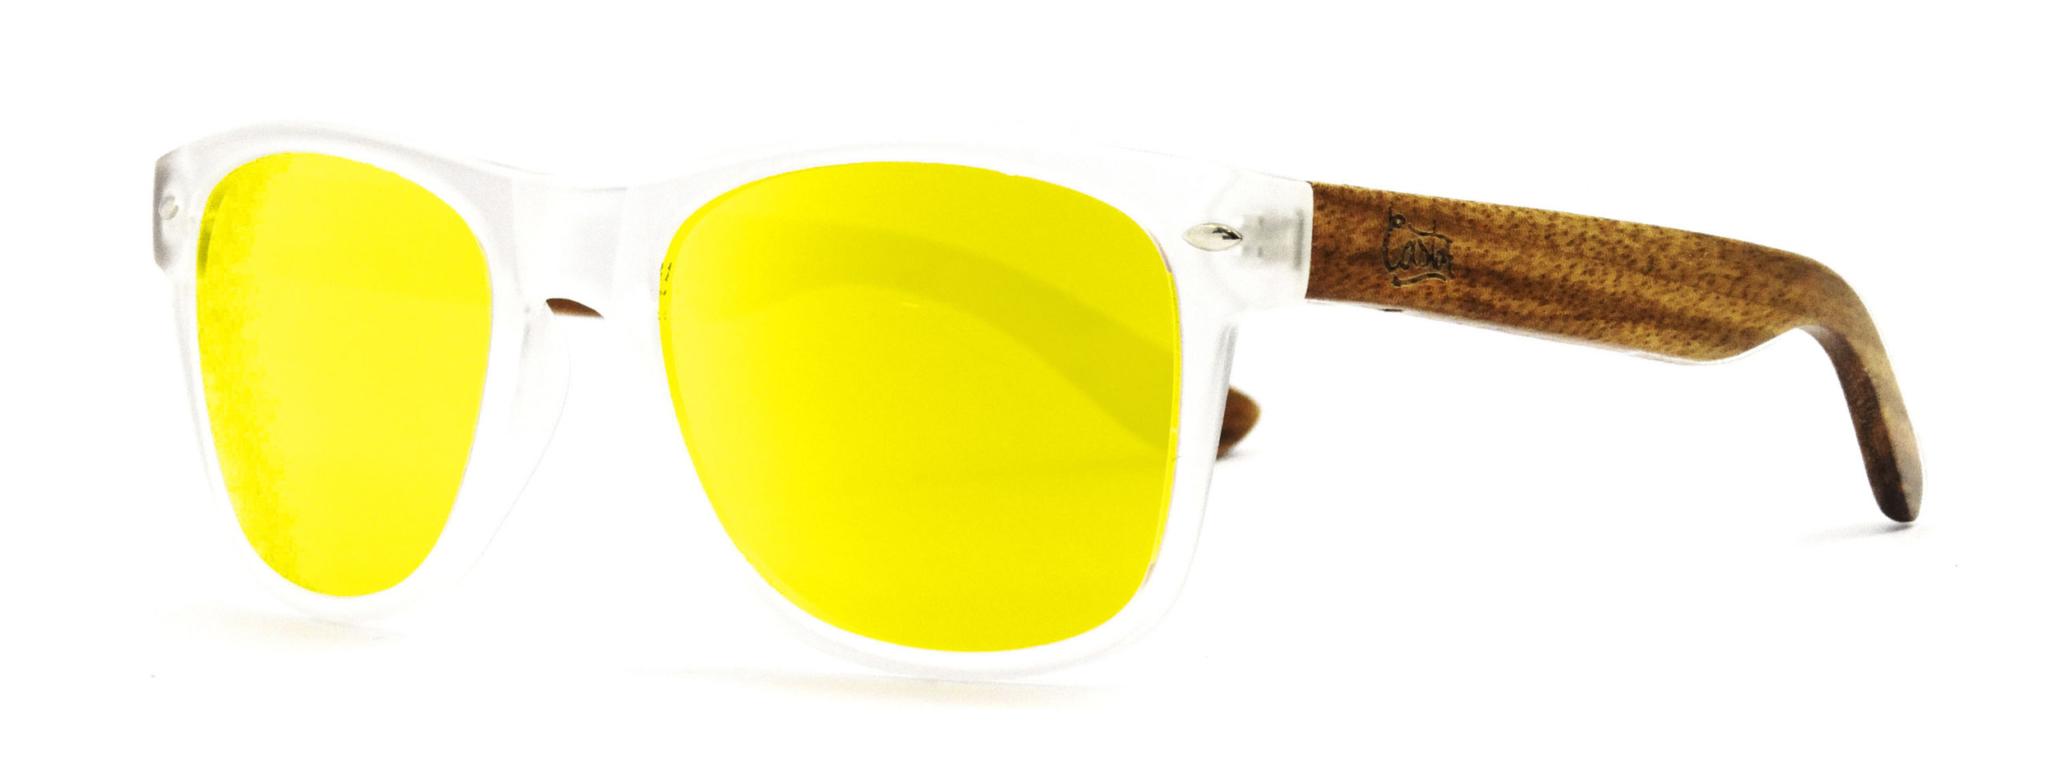 962a605f-70b-gafas-de-sol